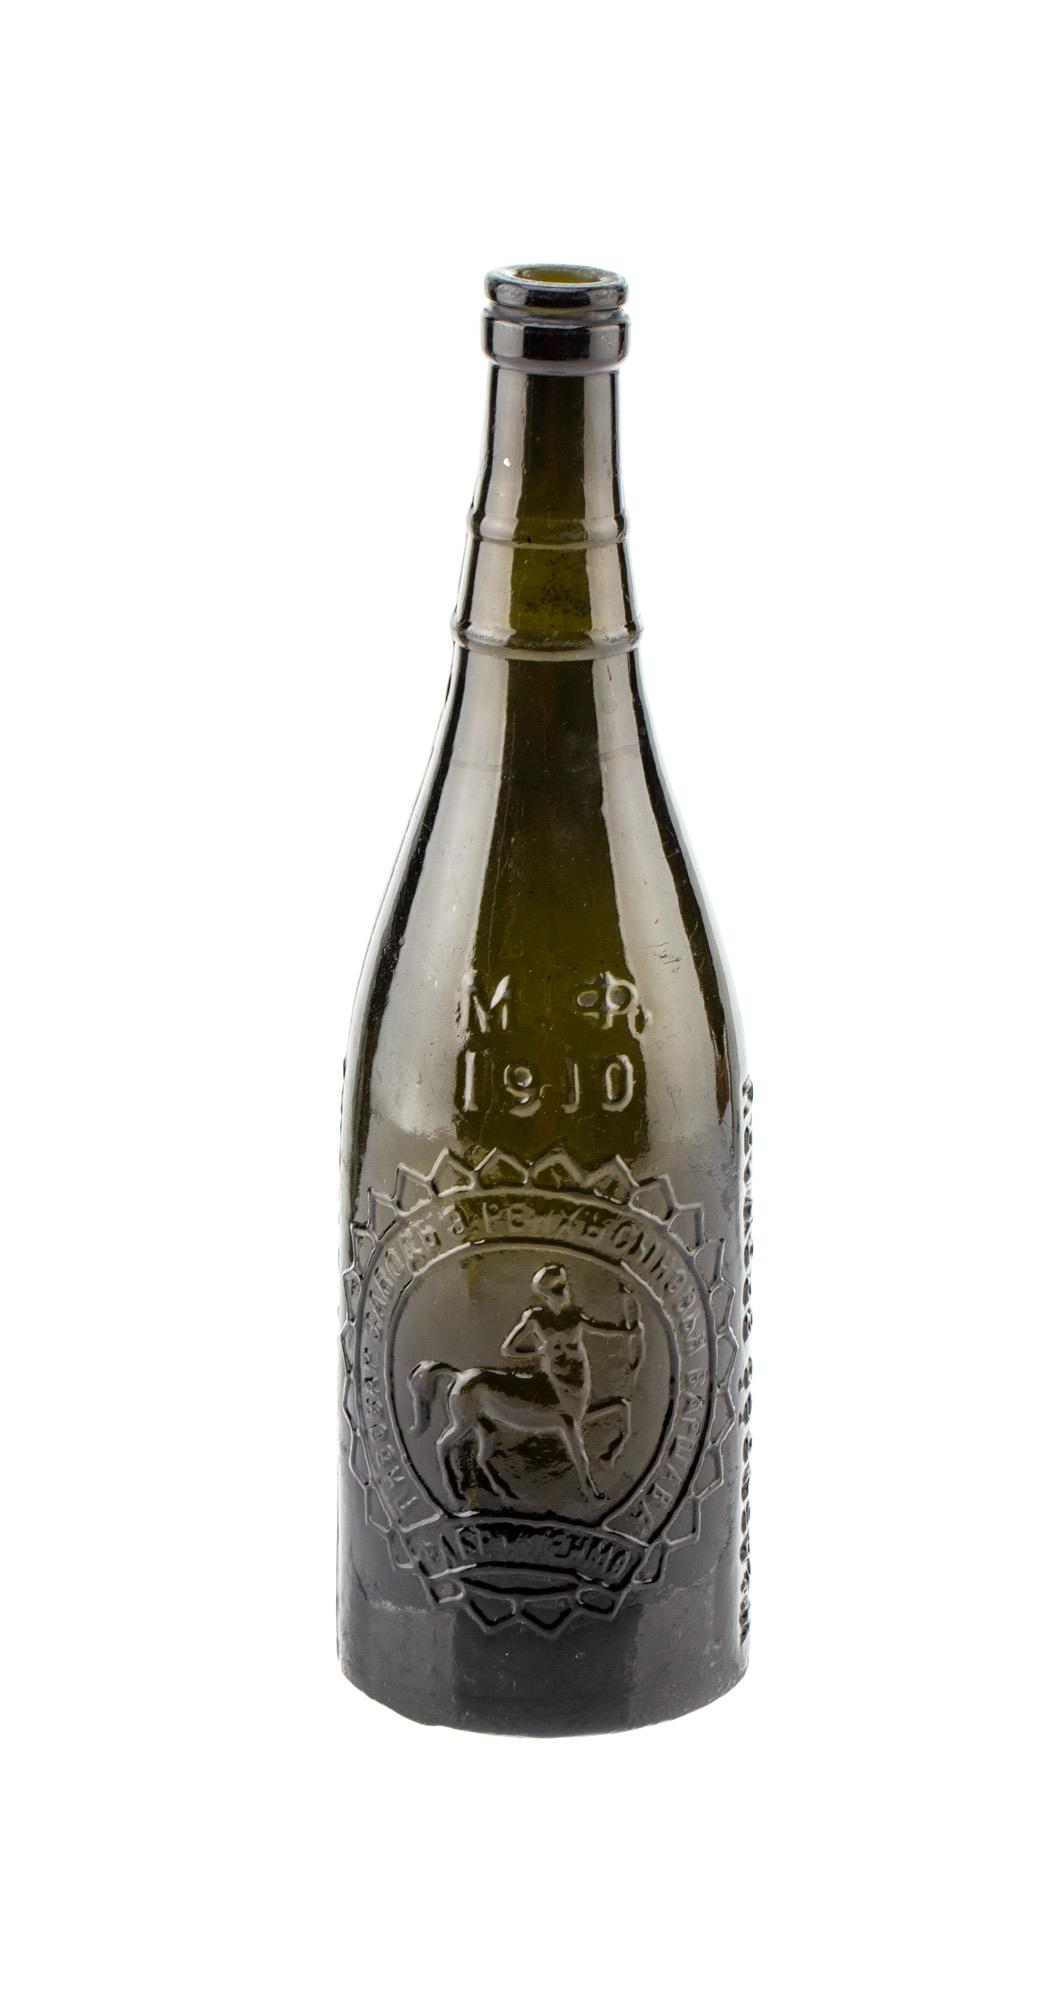 Butelka do piwa, XIX/XX w.